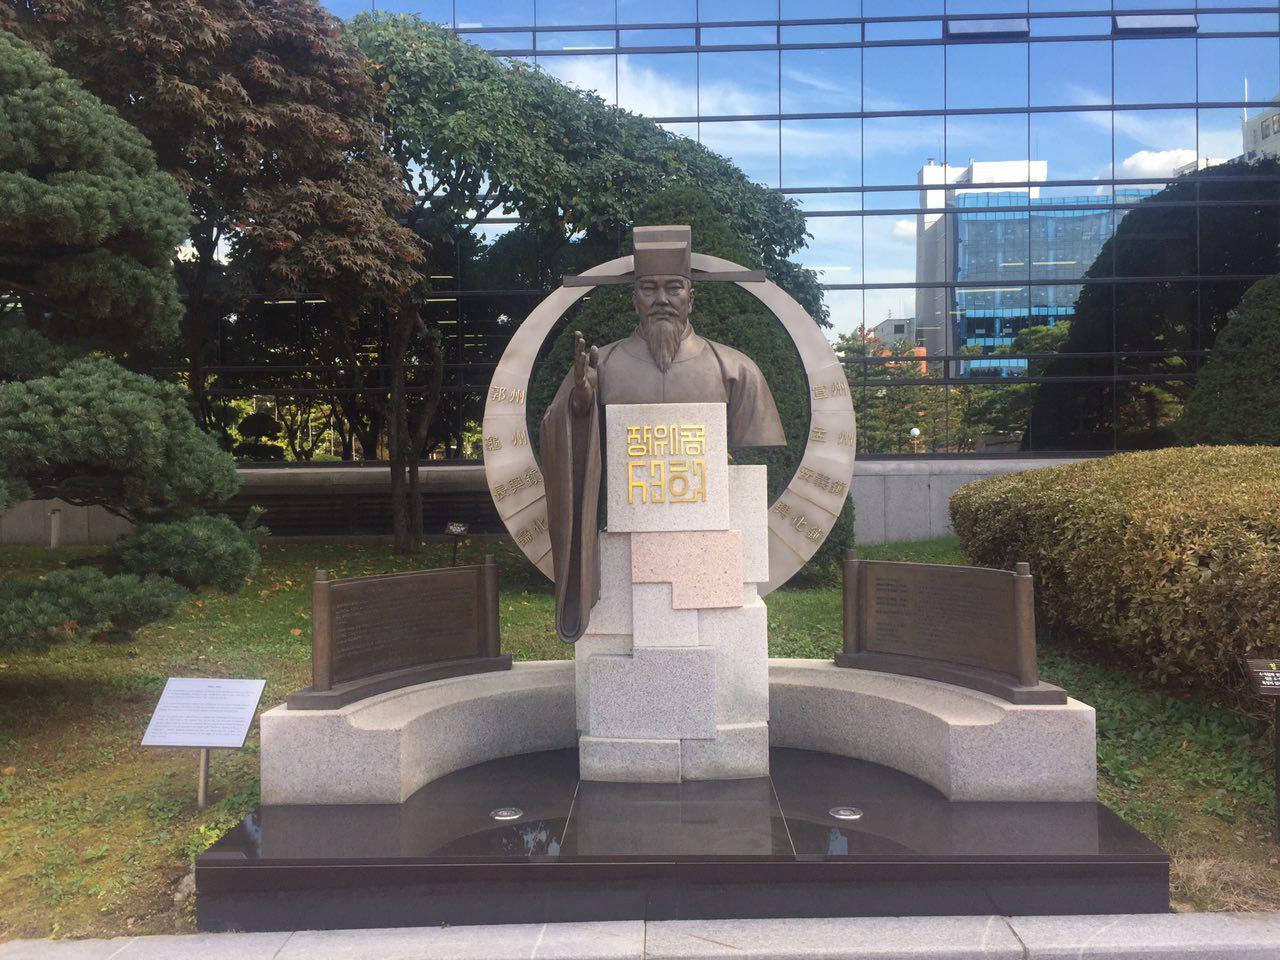 ۱۲ راز توسعه ژاپن، کره جنوبی و مالزی/ آیا ایران هم در مسیر توسعه است؟